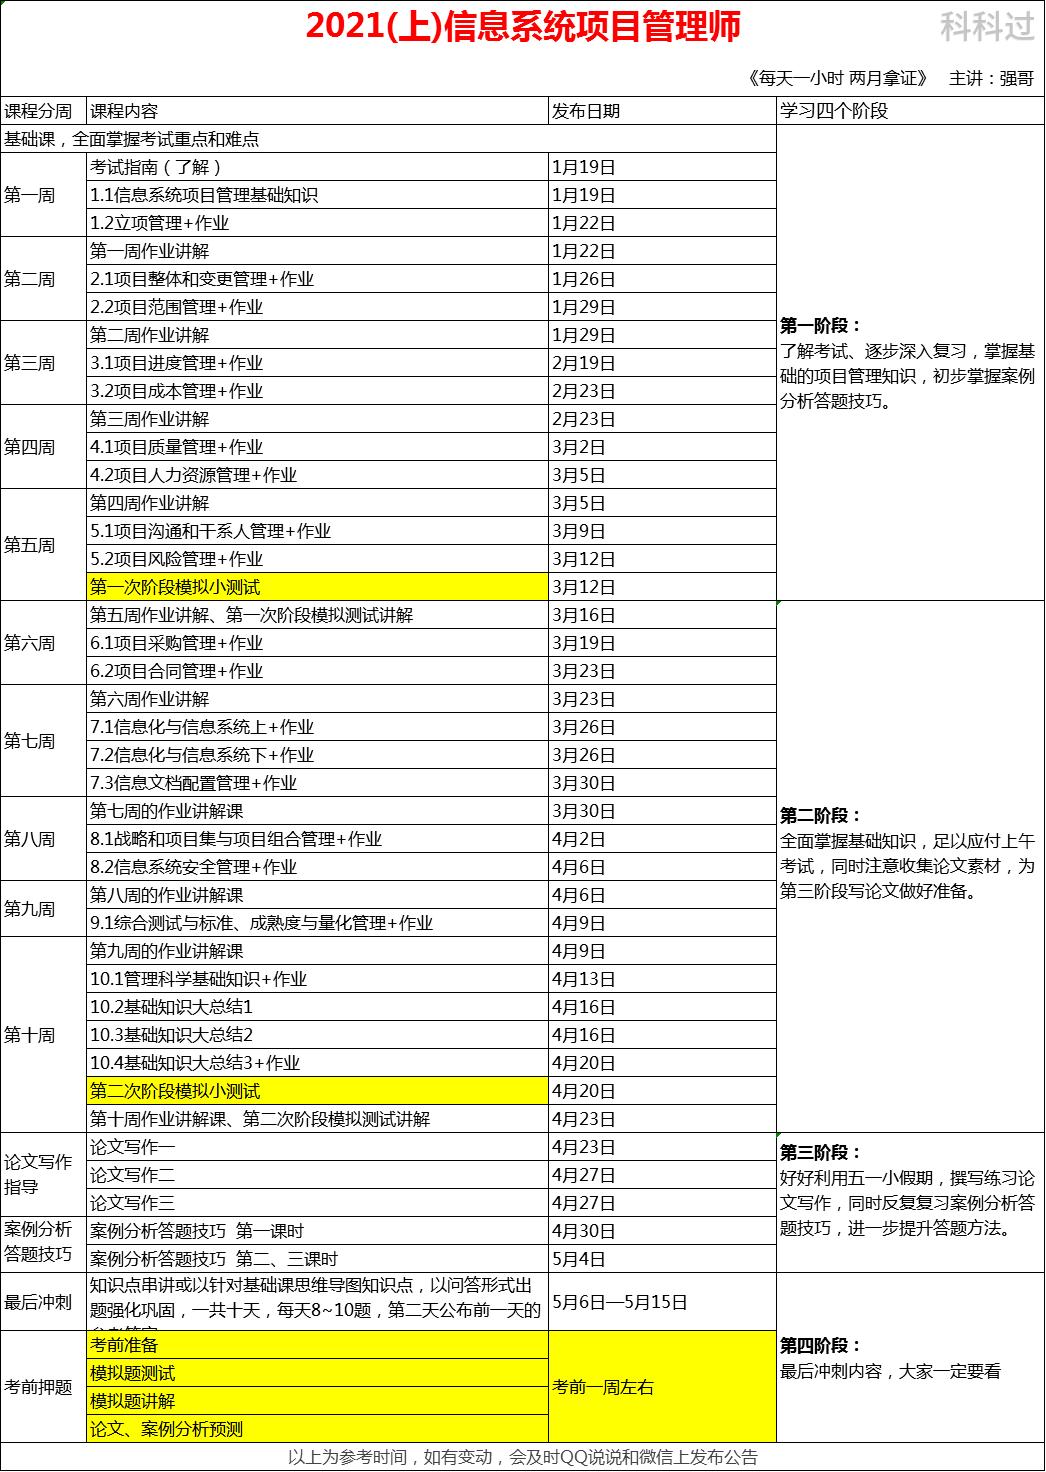 高级课程表2021上半年